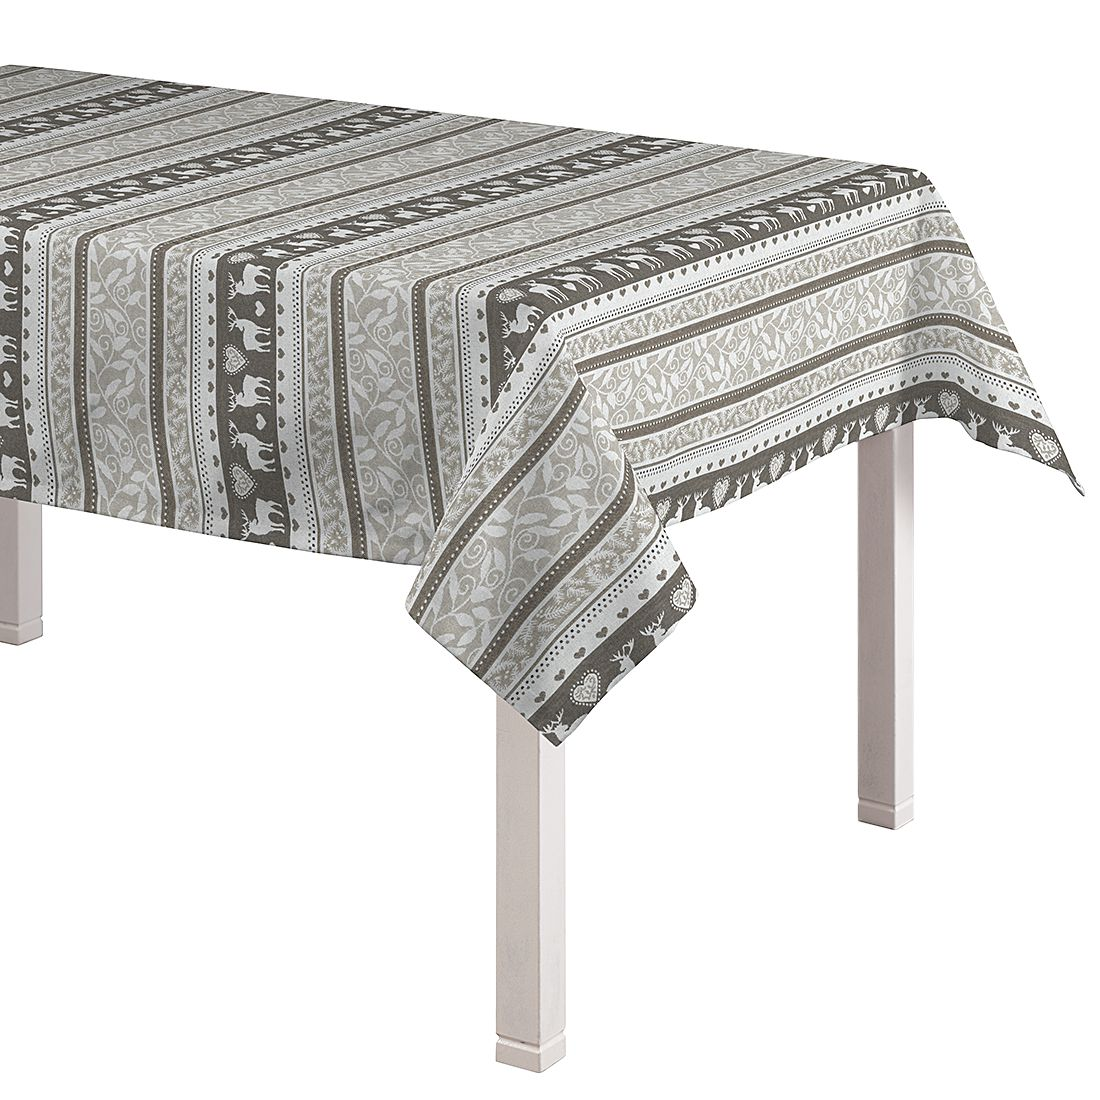 Tischdecke Rentiere – Grau / Grün – 130 x 180 cm, Dekoria günstig online kaufen